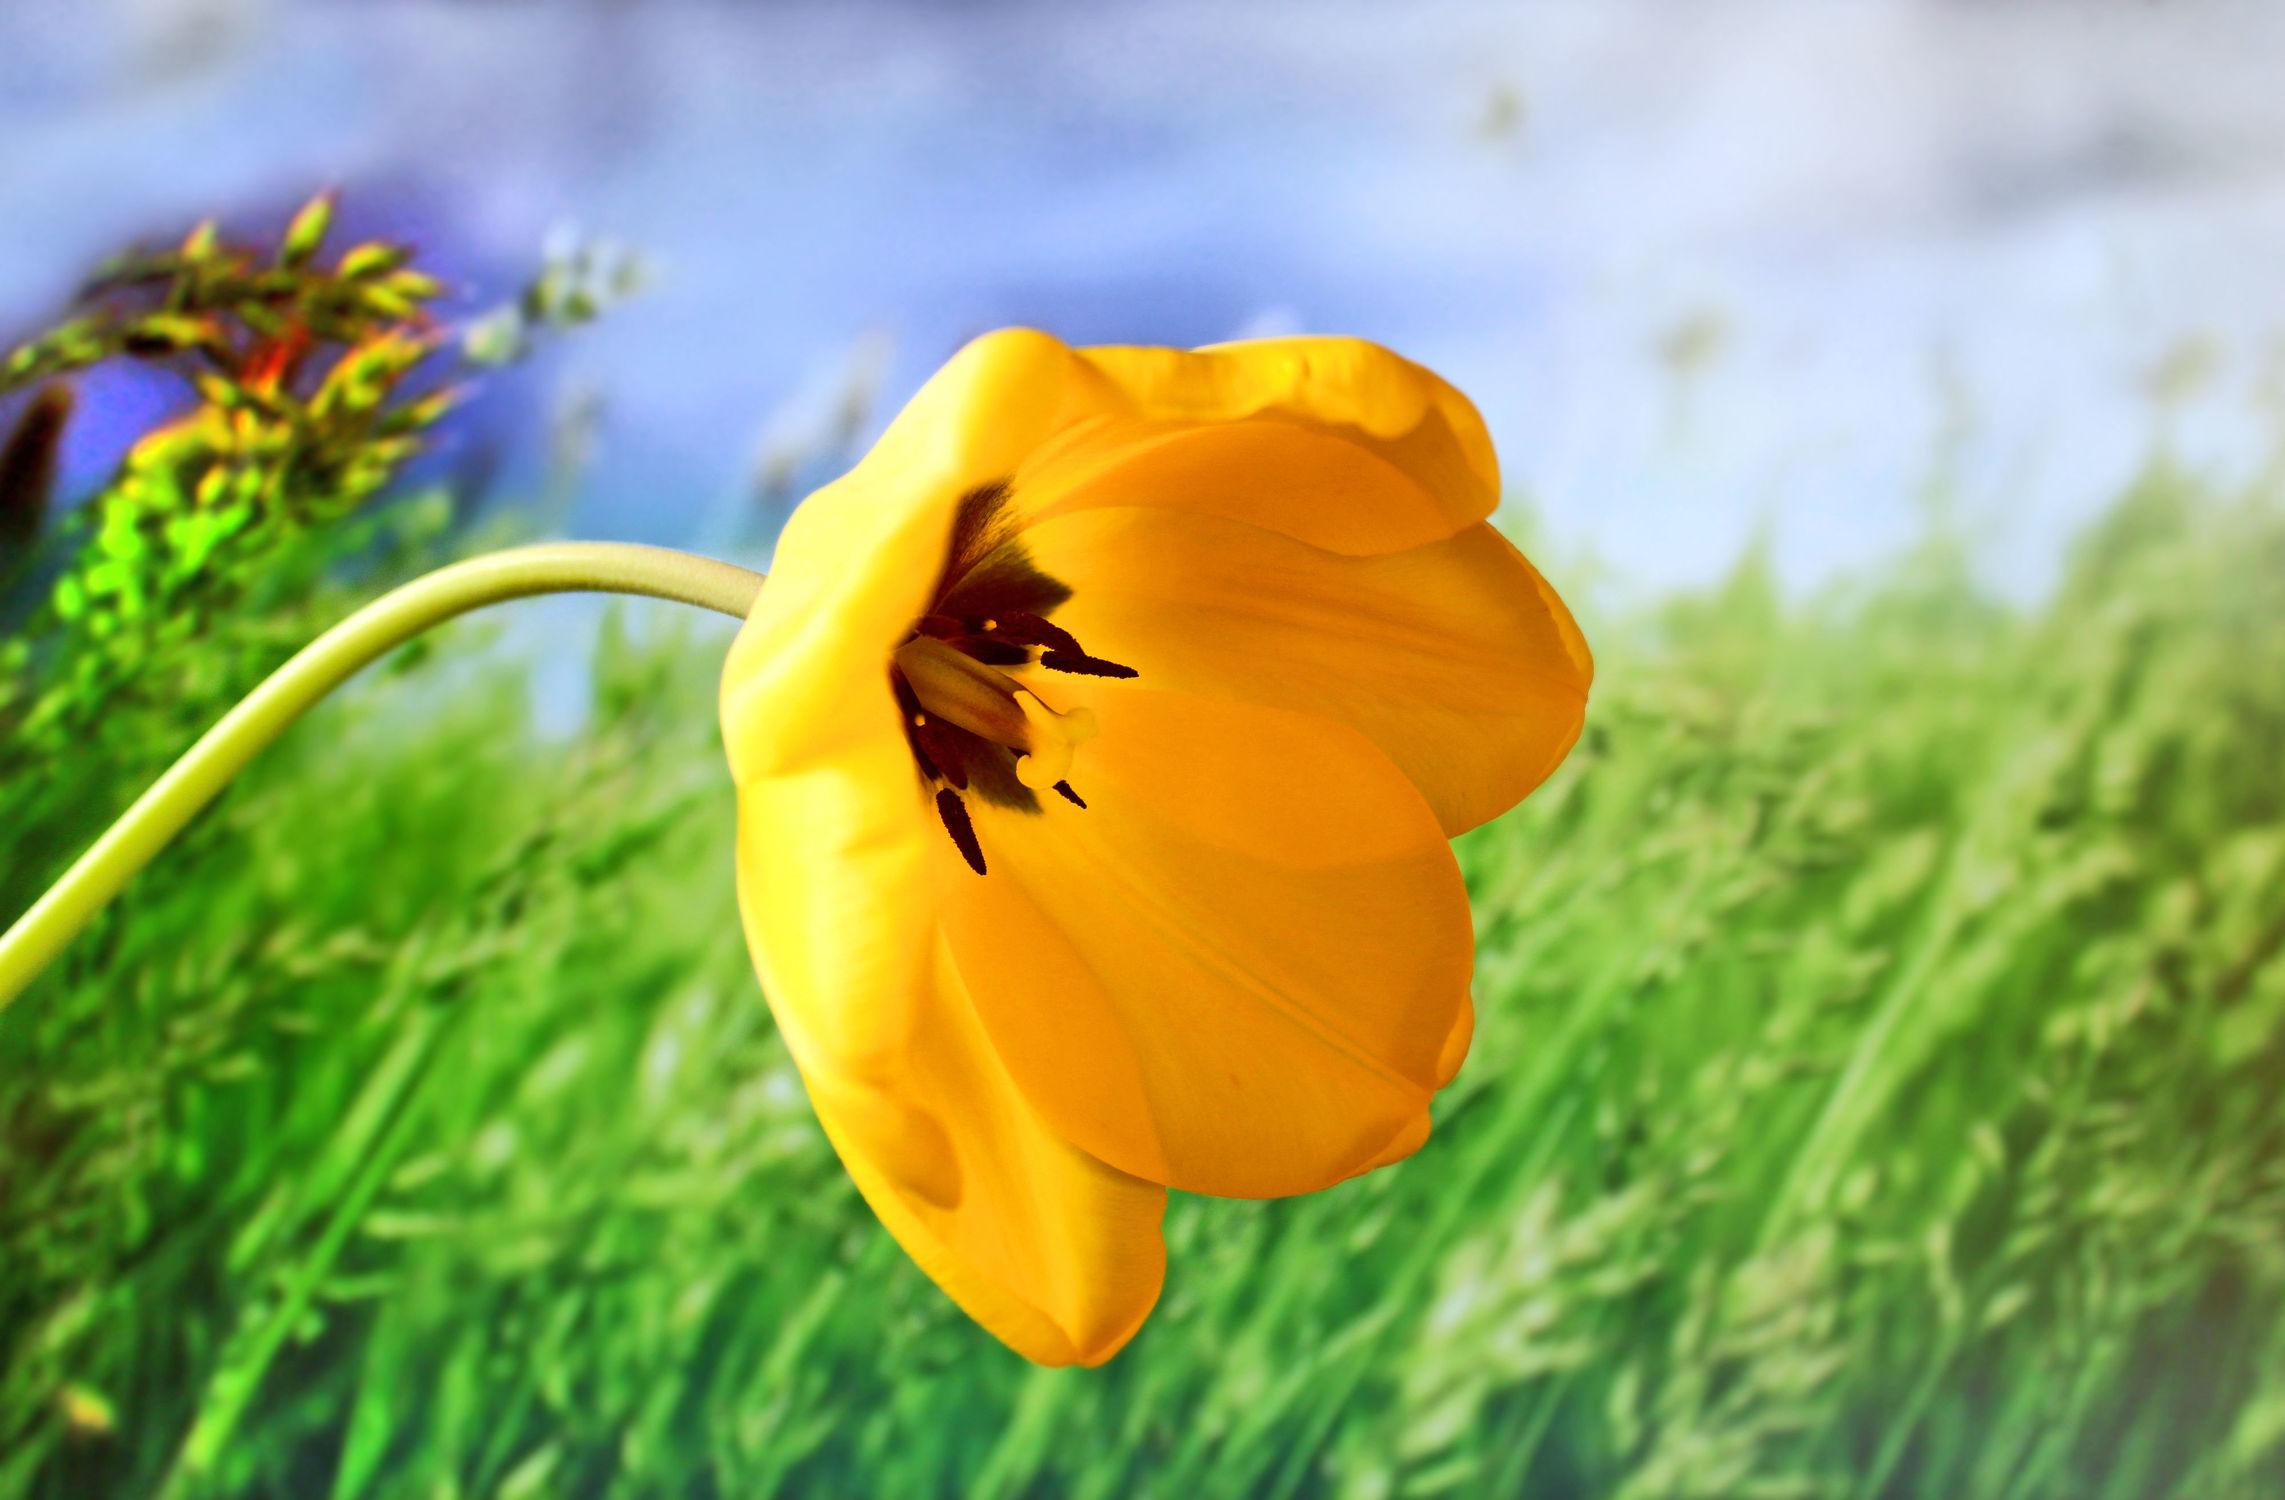 Bild mit Gelb, Grün, Himmel, Blumen, Blume, Tulpe, Tulips, Tulpen, Tulipa, Gras, Flower, Flowers, Tulip, gelbe Tuple für Gras Hintergrund